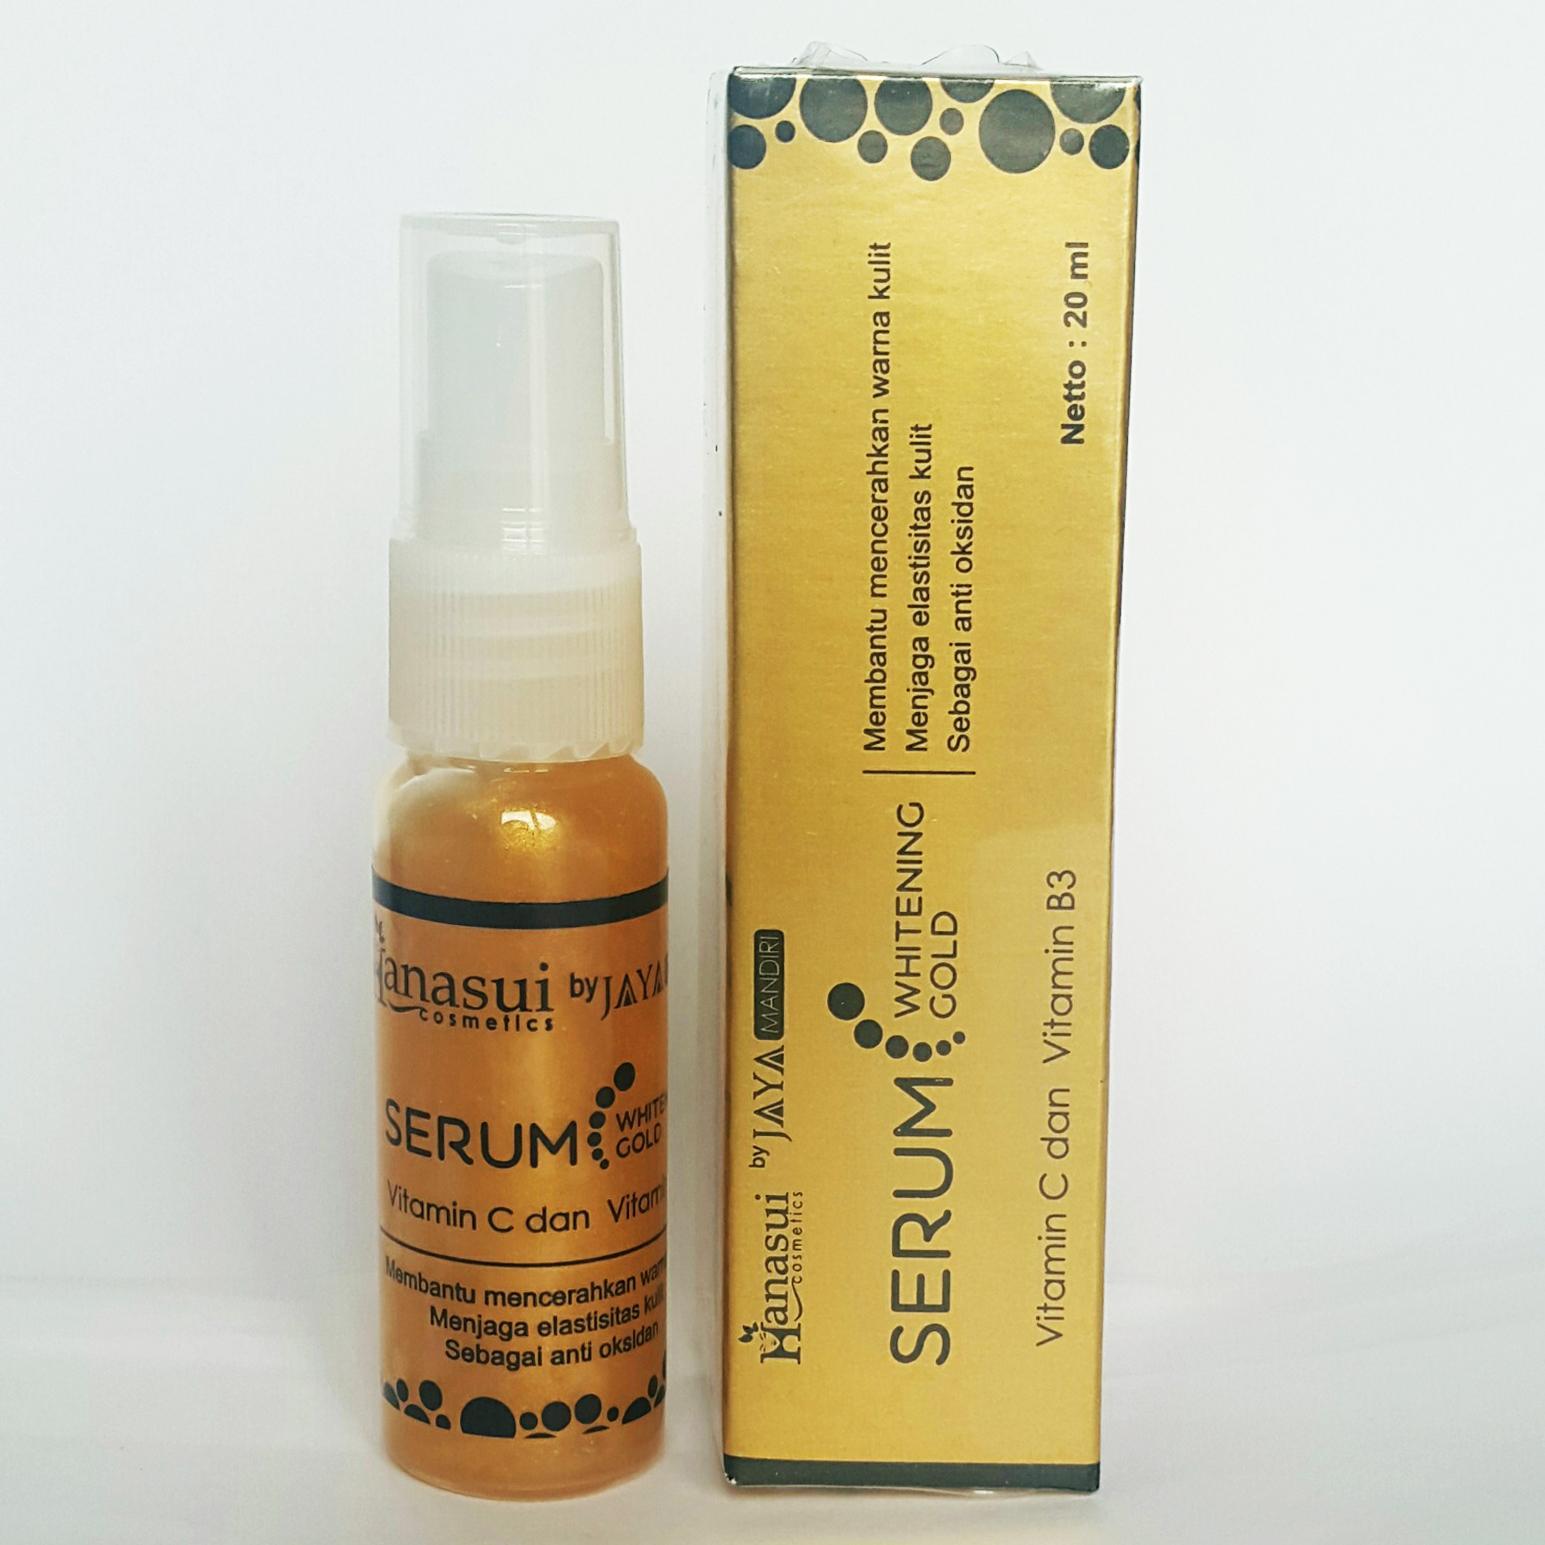 serum whitening gold jaya mandiri by hanasui